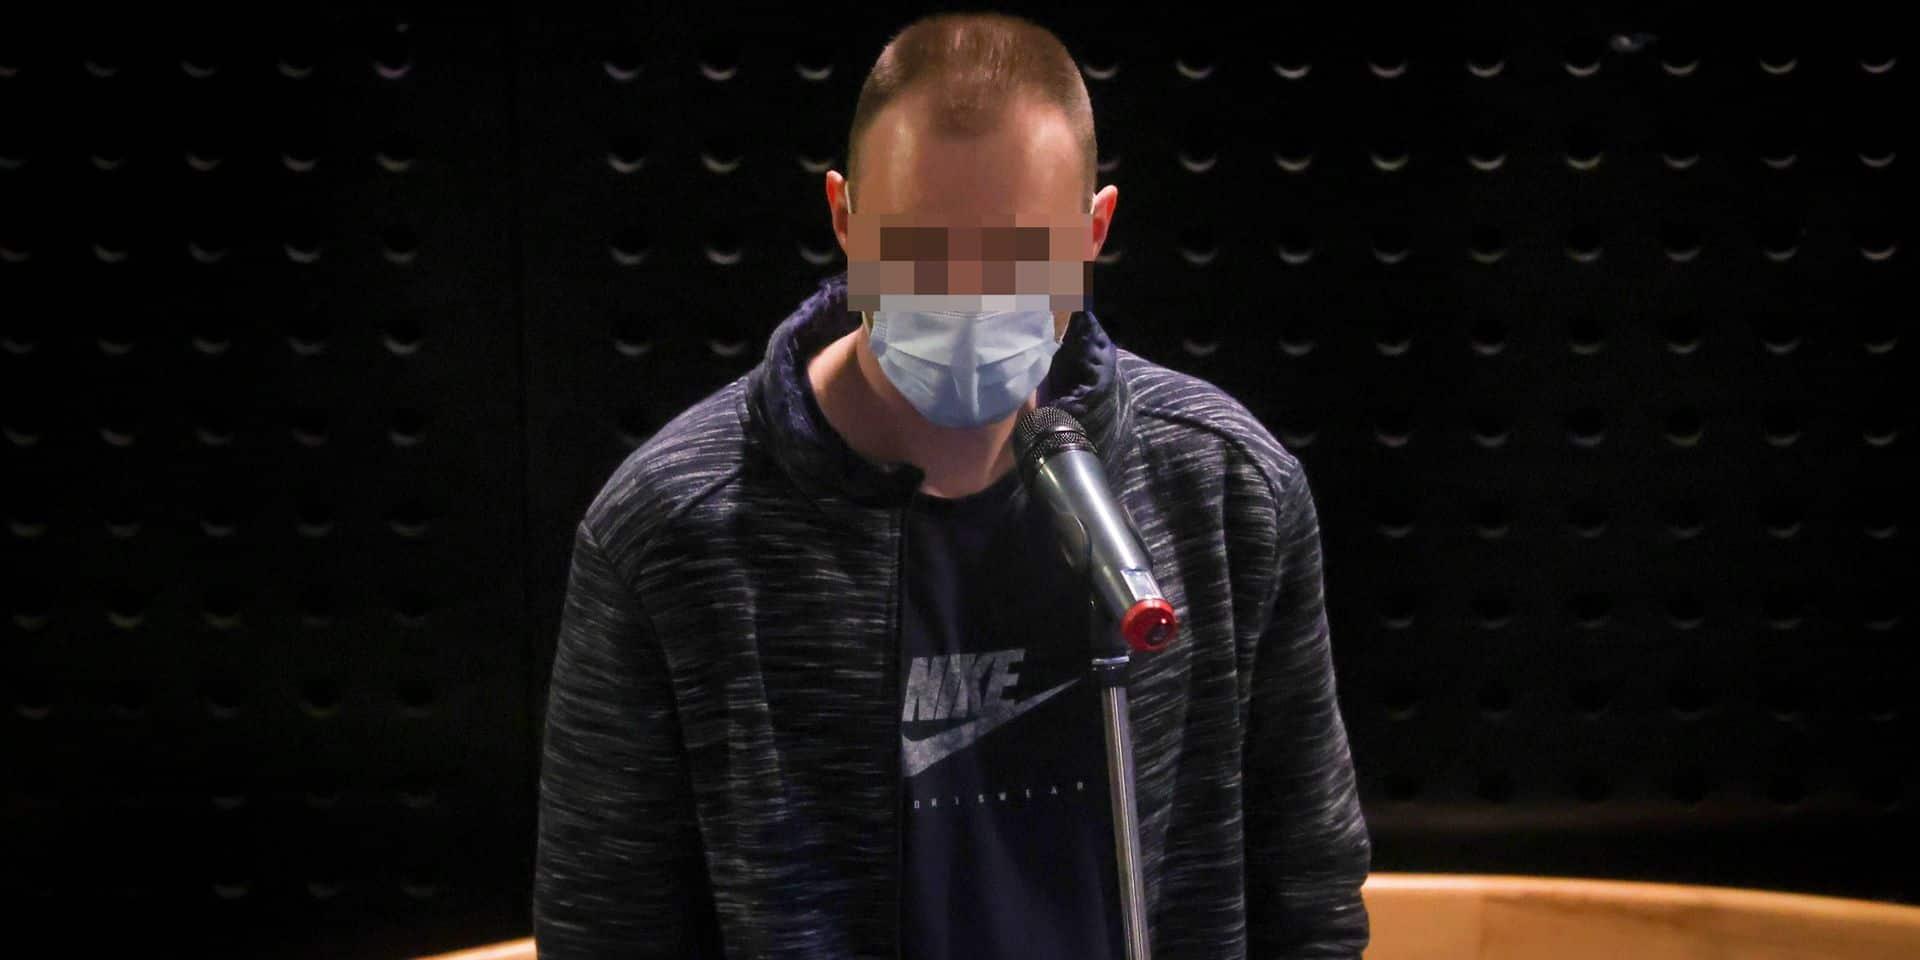 Meurtre de Céline Doignon : Pour les témoins, Adrien Curon était intéressé ou excédé par la victime